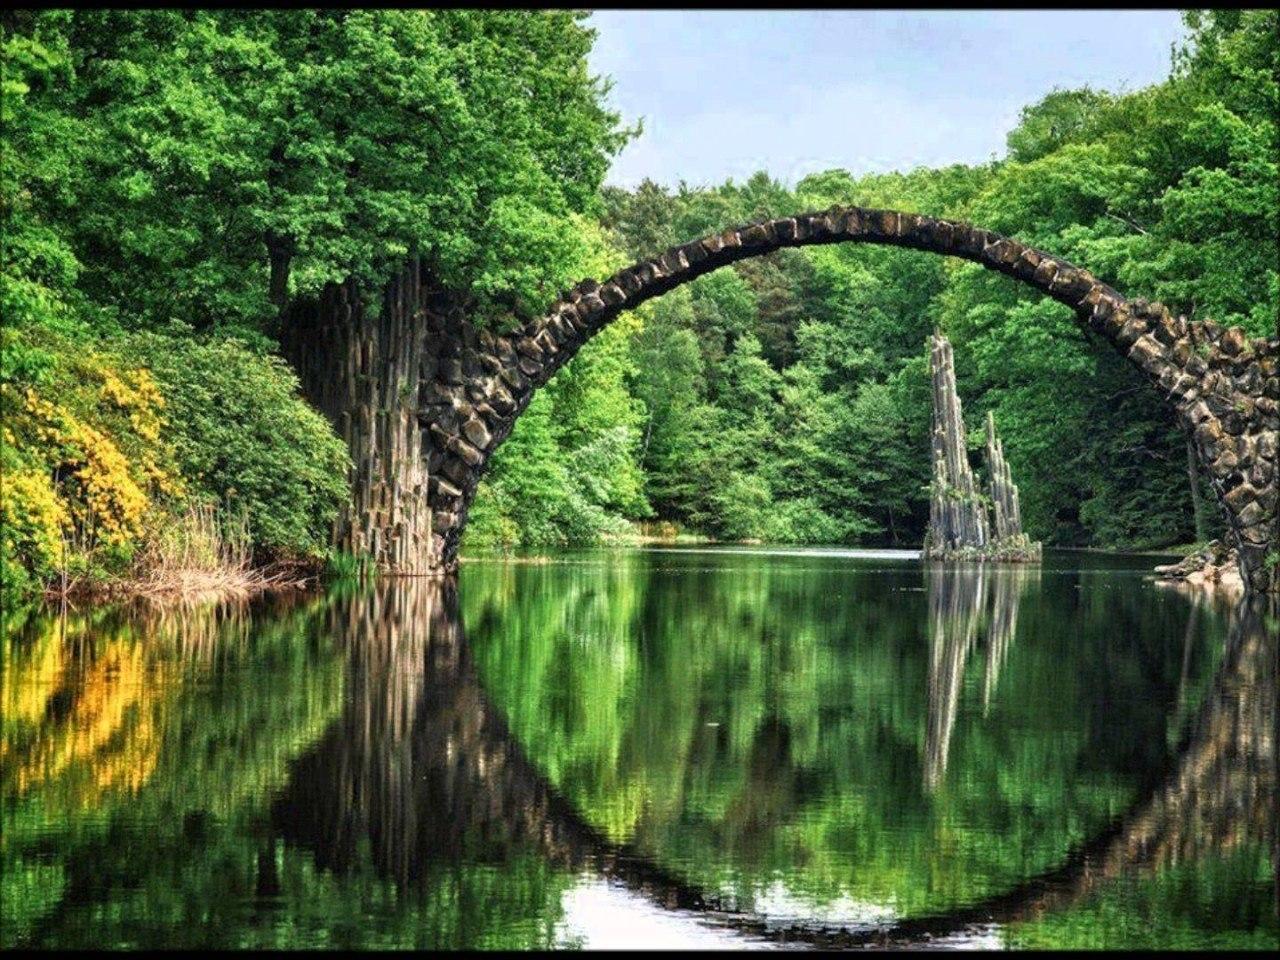 puentes más curiosos del mundo 15 - puente del diablo